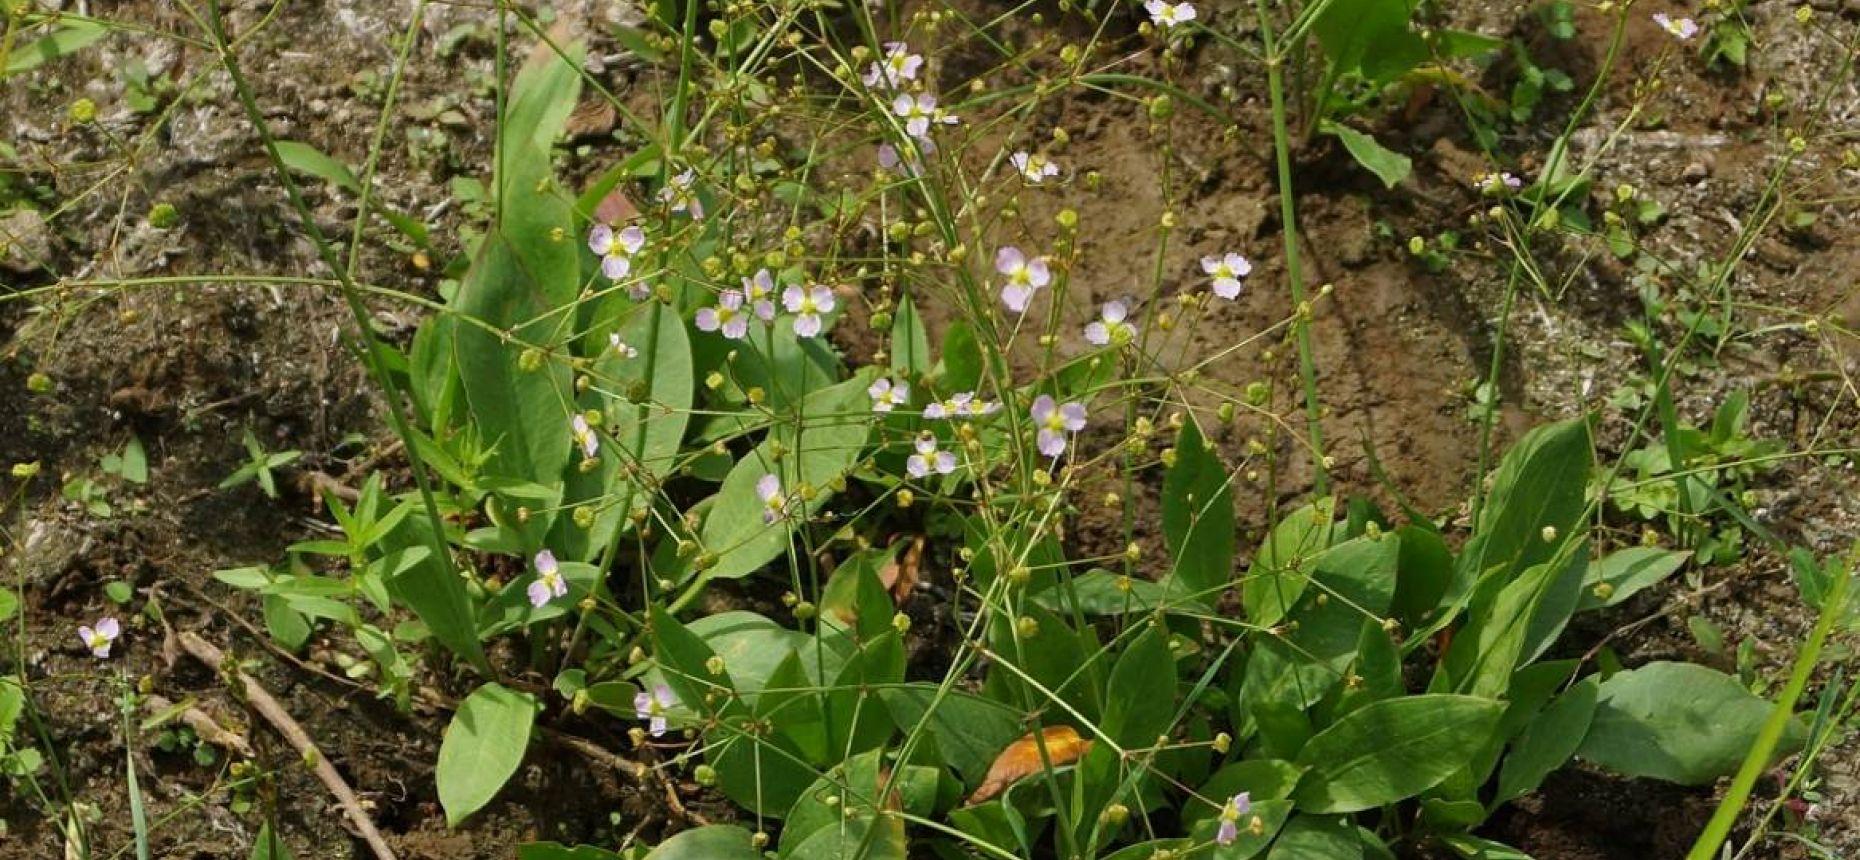 Alisma plantago-aquatica L. - Частуха подорожниковая